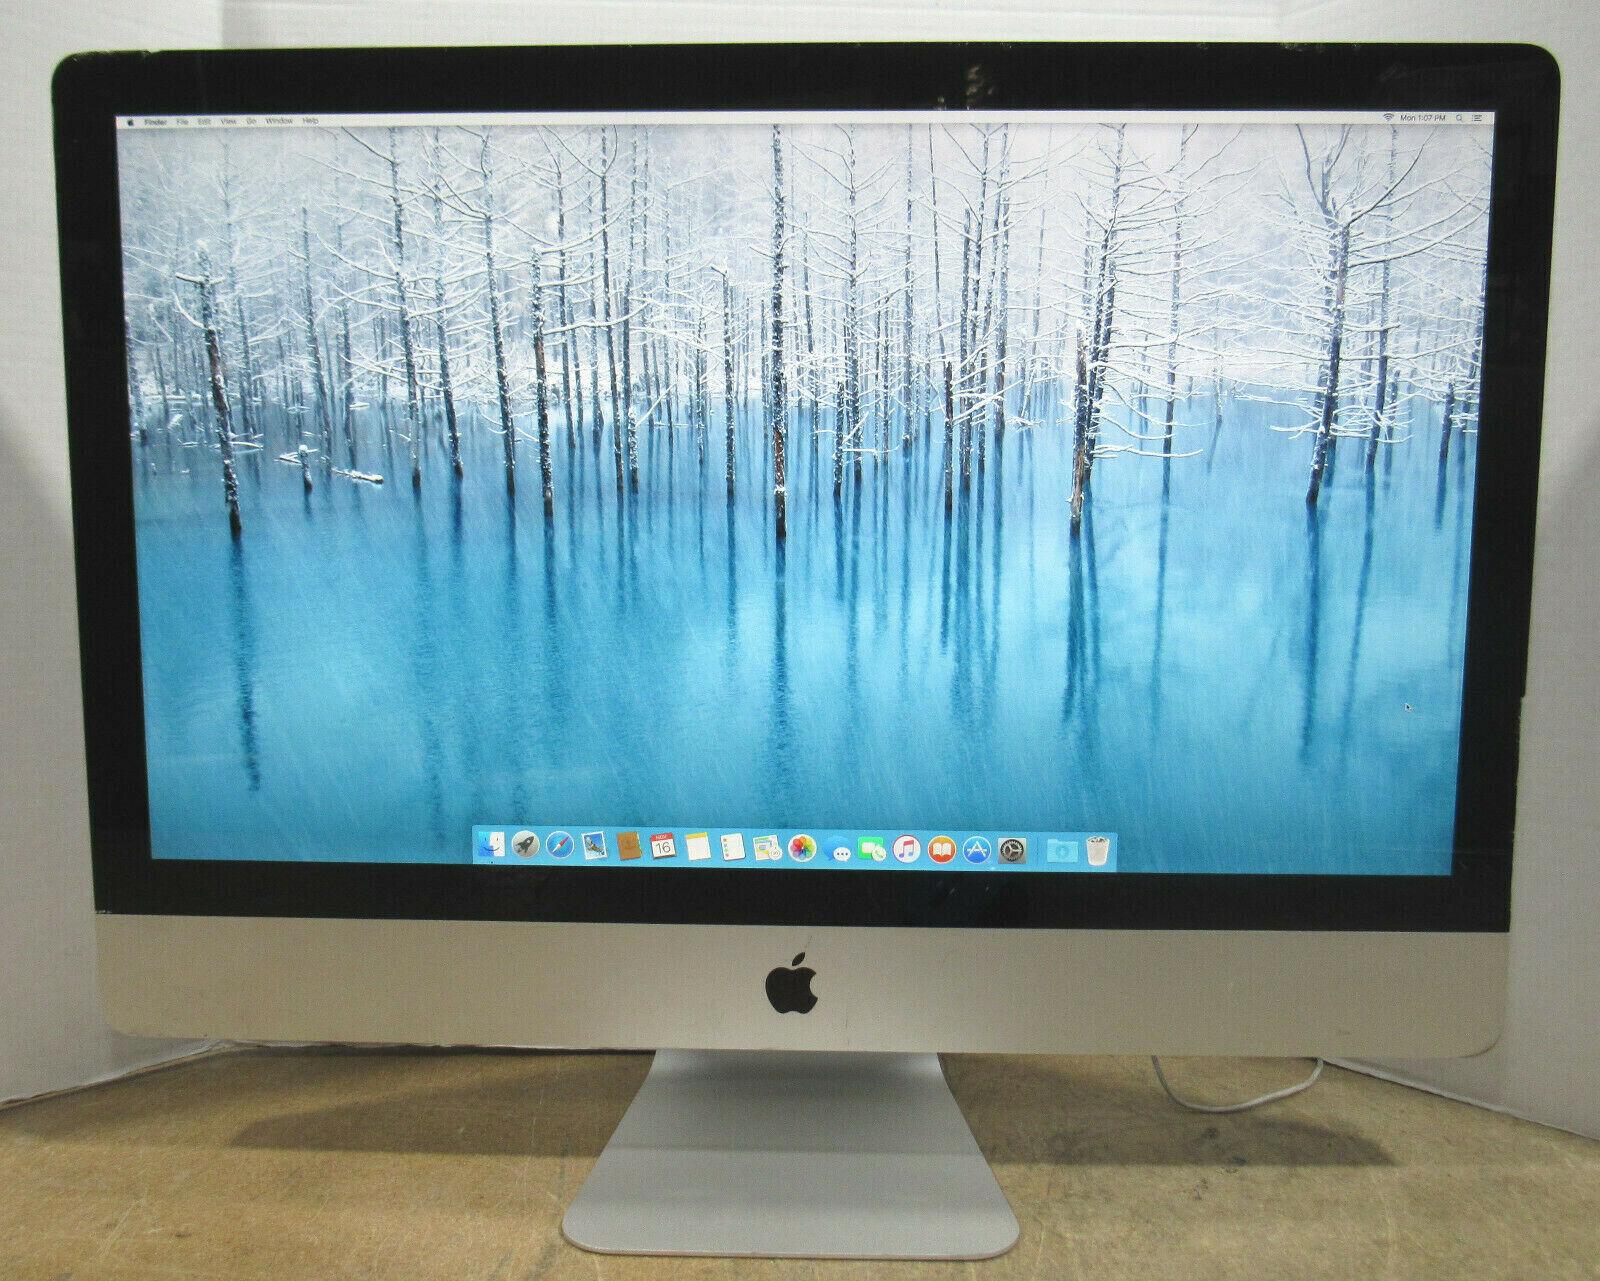 Mid 2010 Apple iMac A1312 27